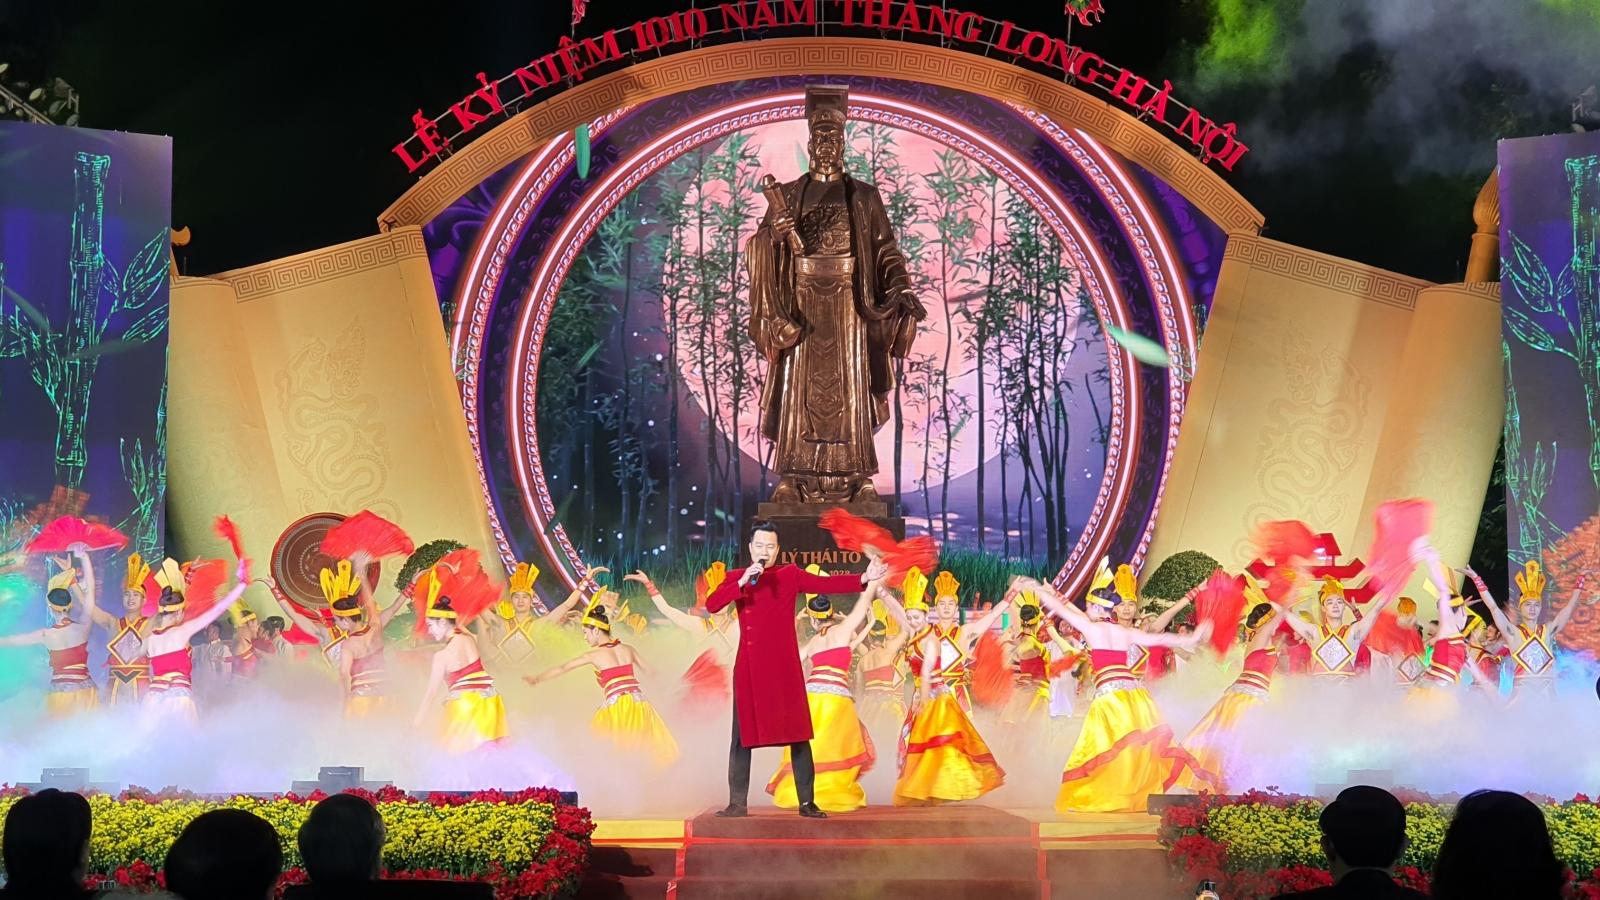 Chương trình nghệ thuật đặc biệt kỷ niệm 1010 năm Thăng Long - Hà Nội